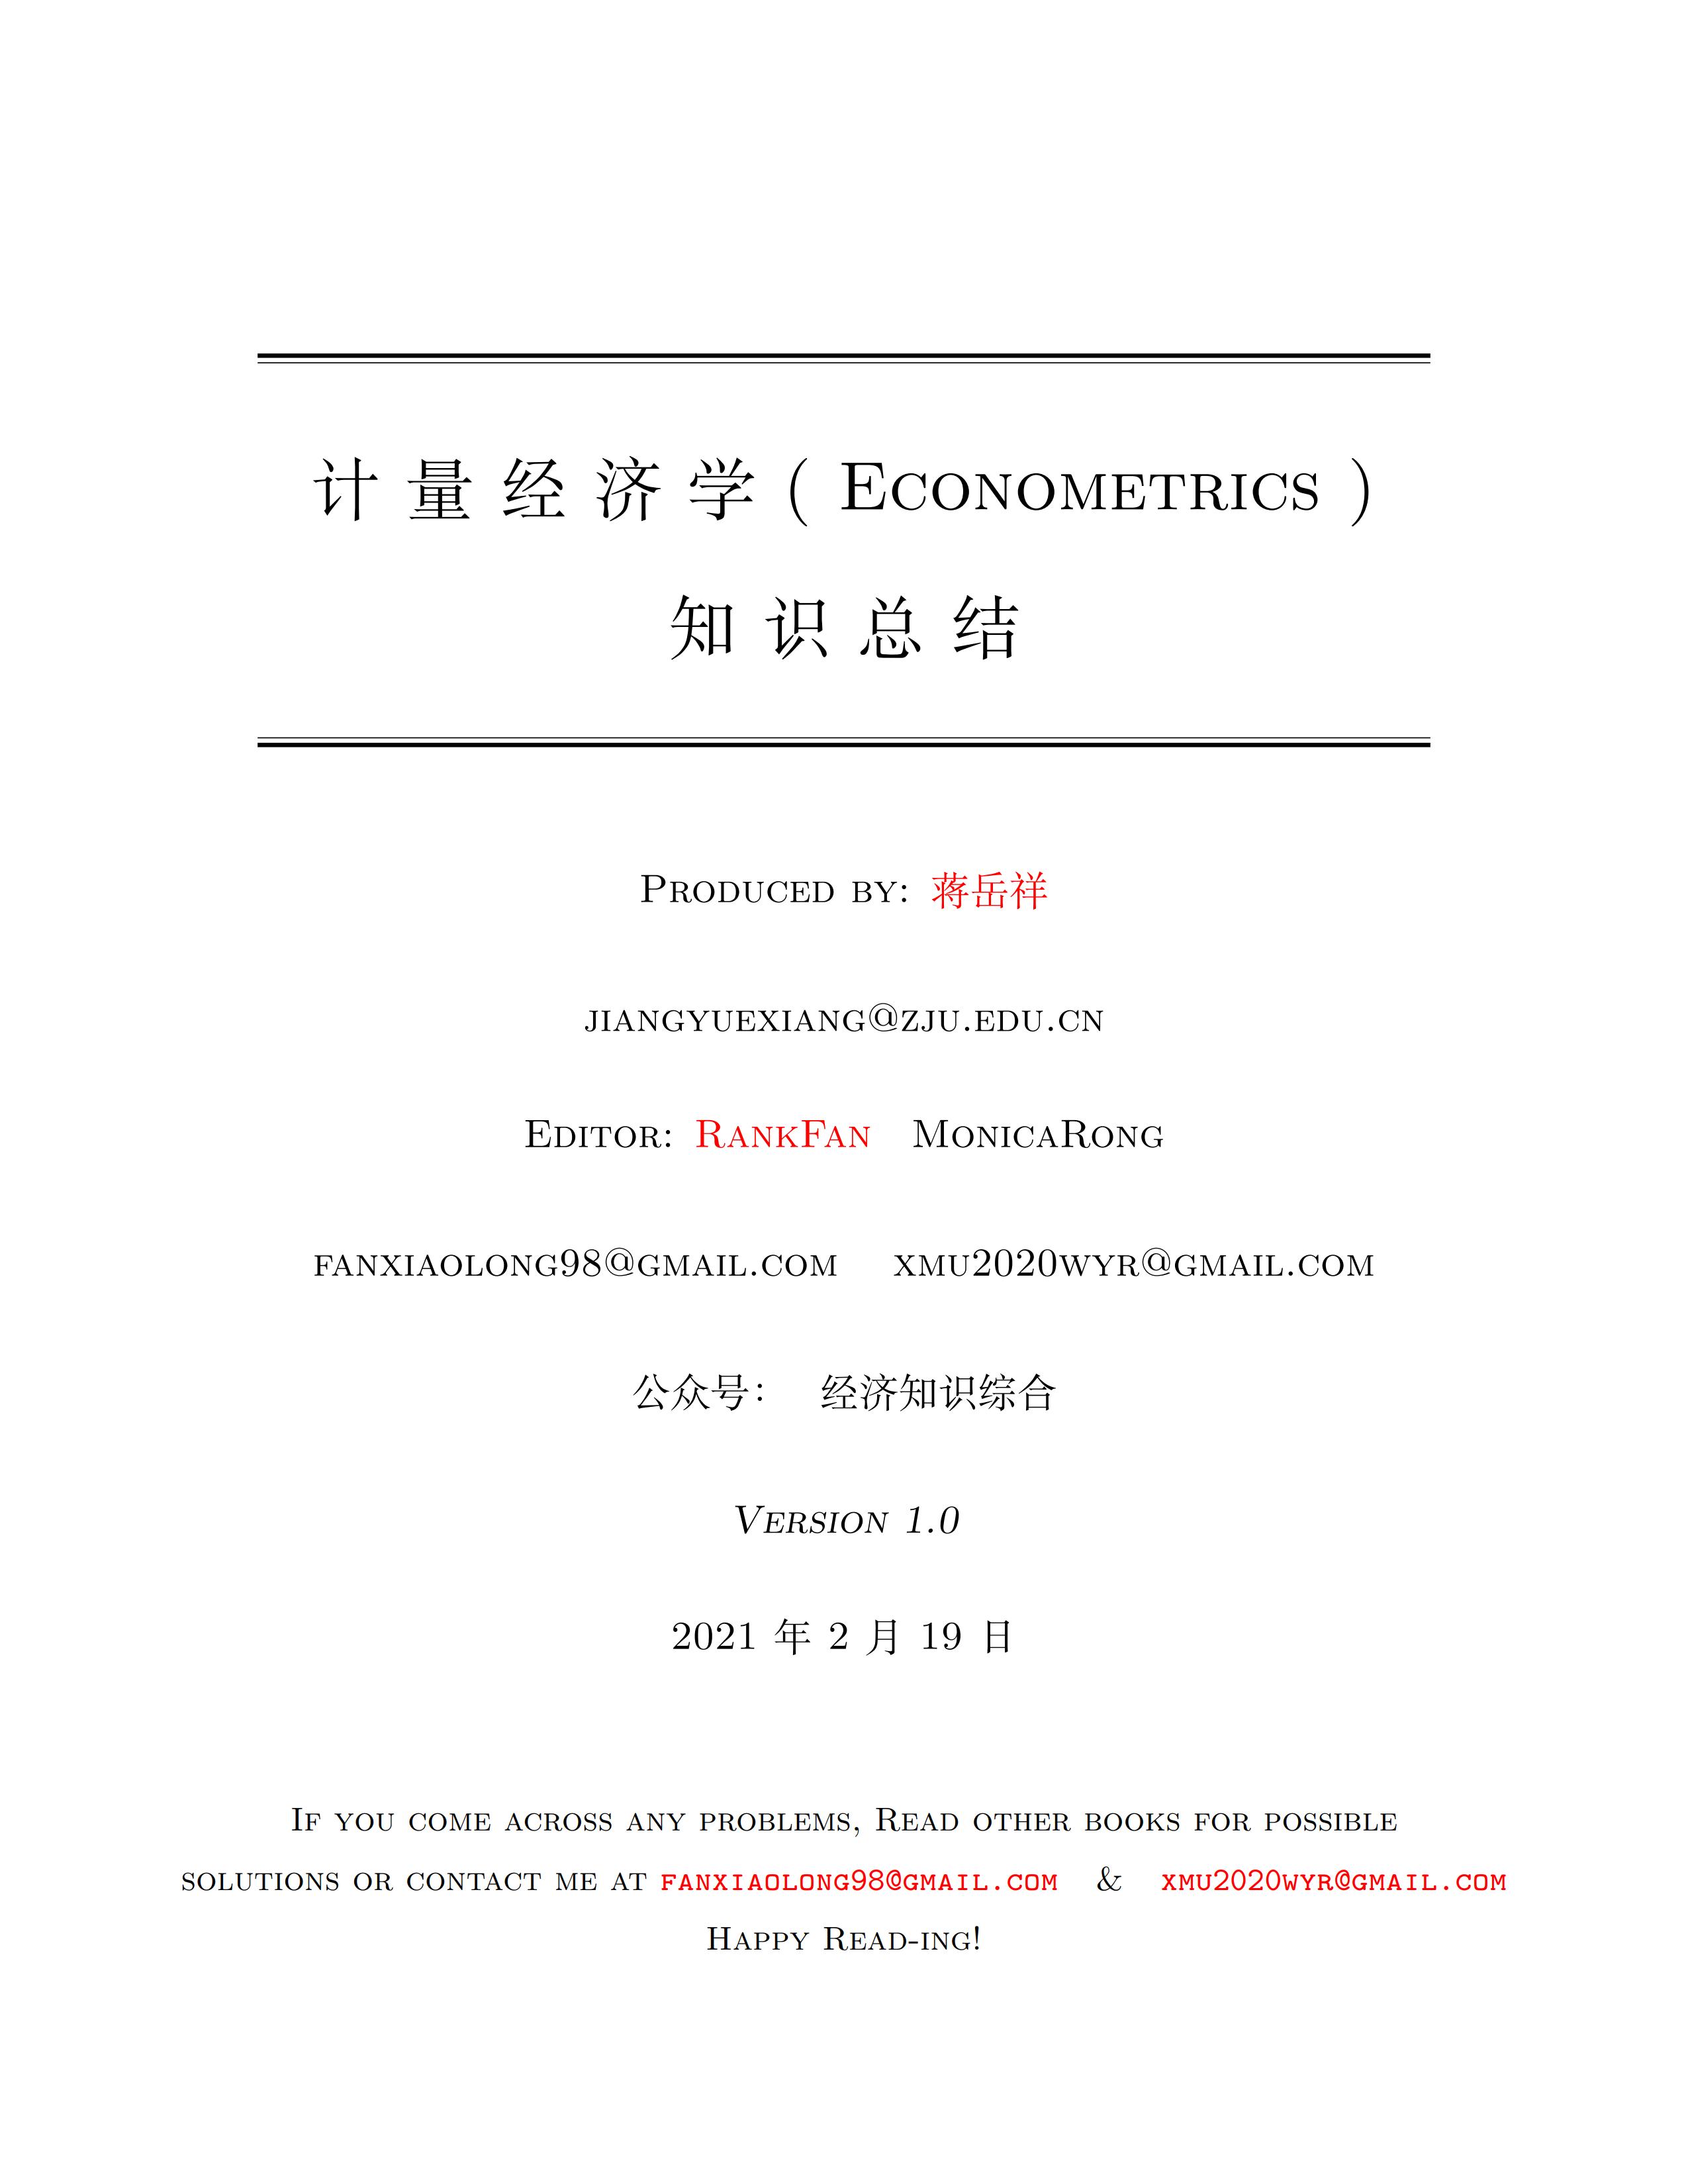 LaTeX 制作的简洁封面设计